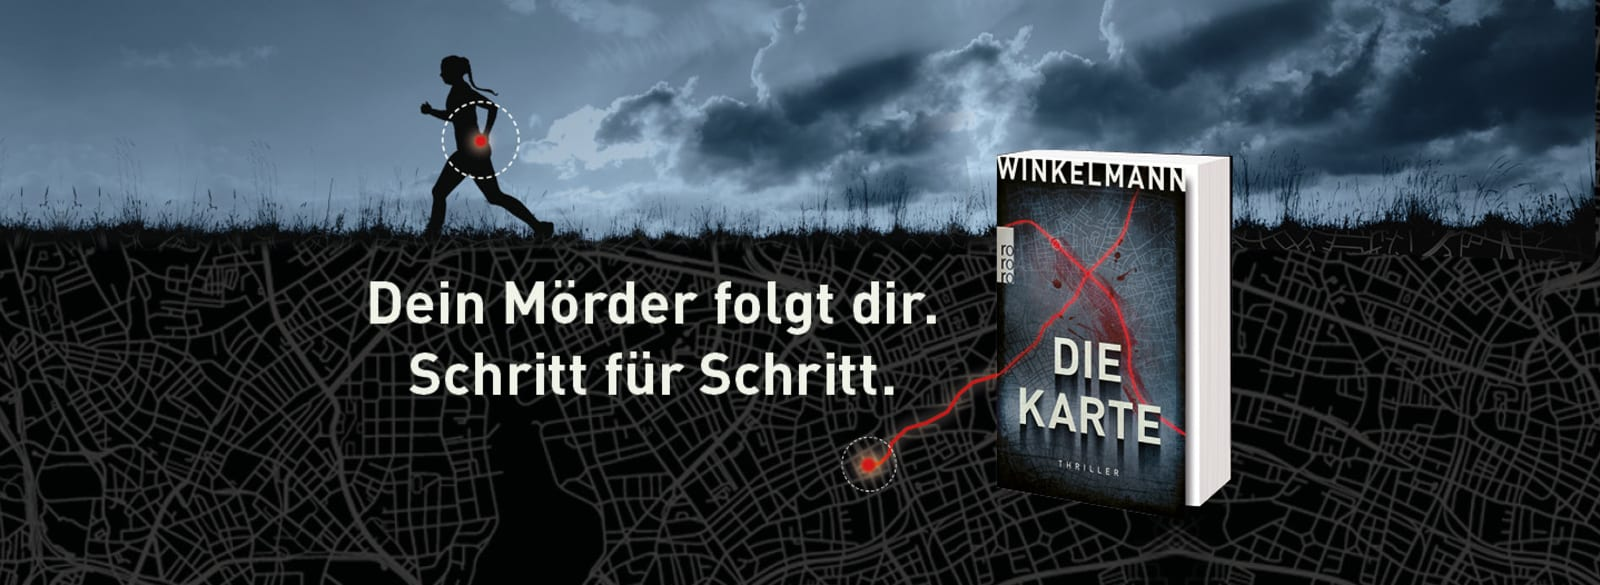 Die Karte von Andreas Winkelmann